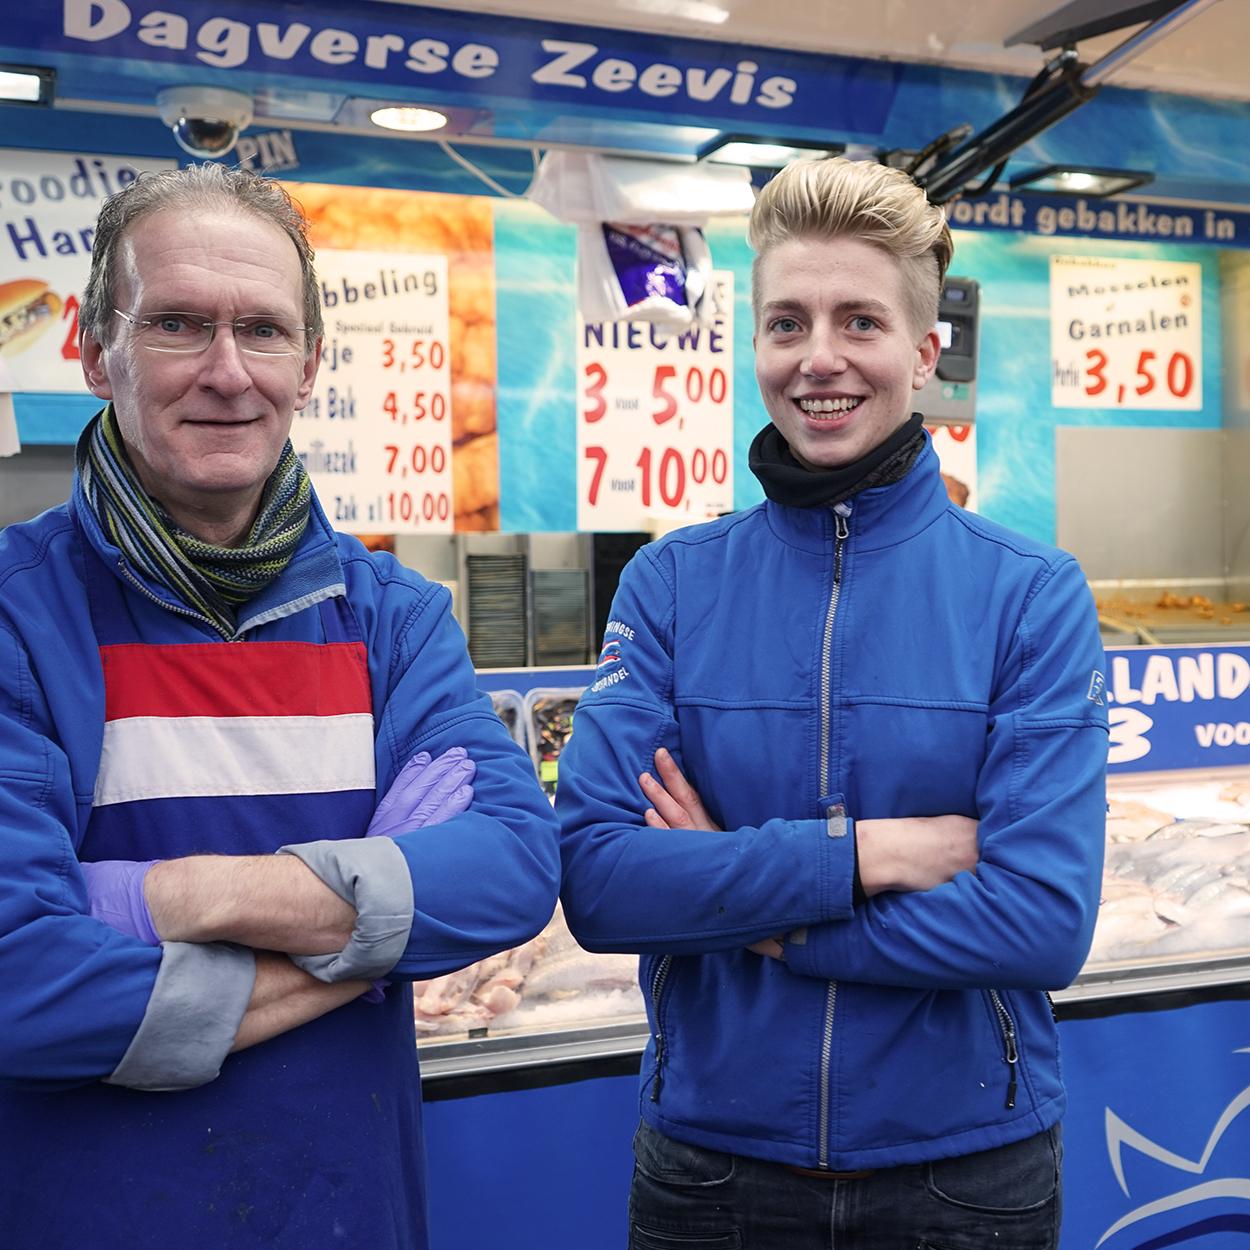 Scheveningse Zeevishandel